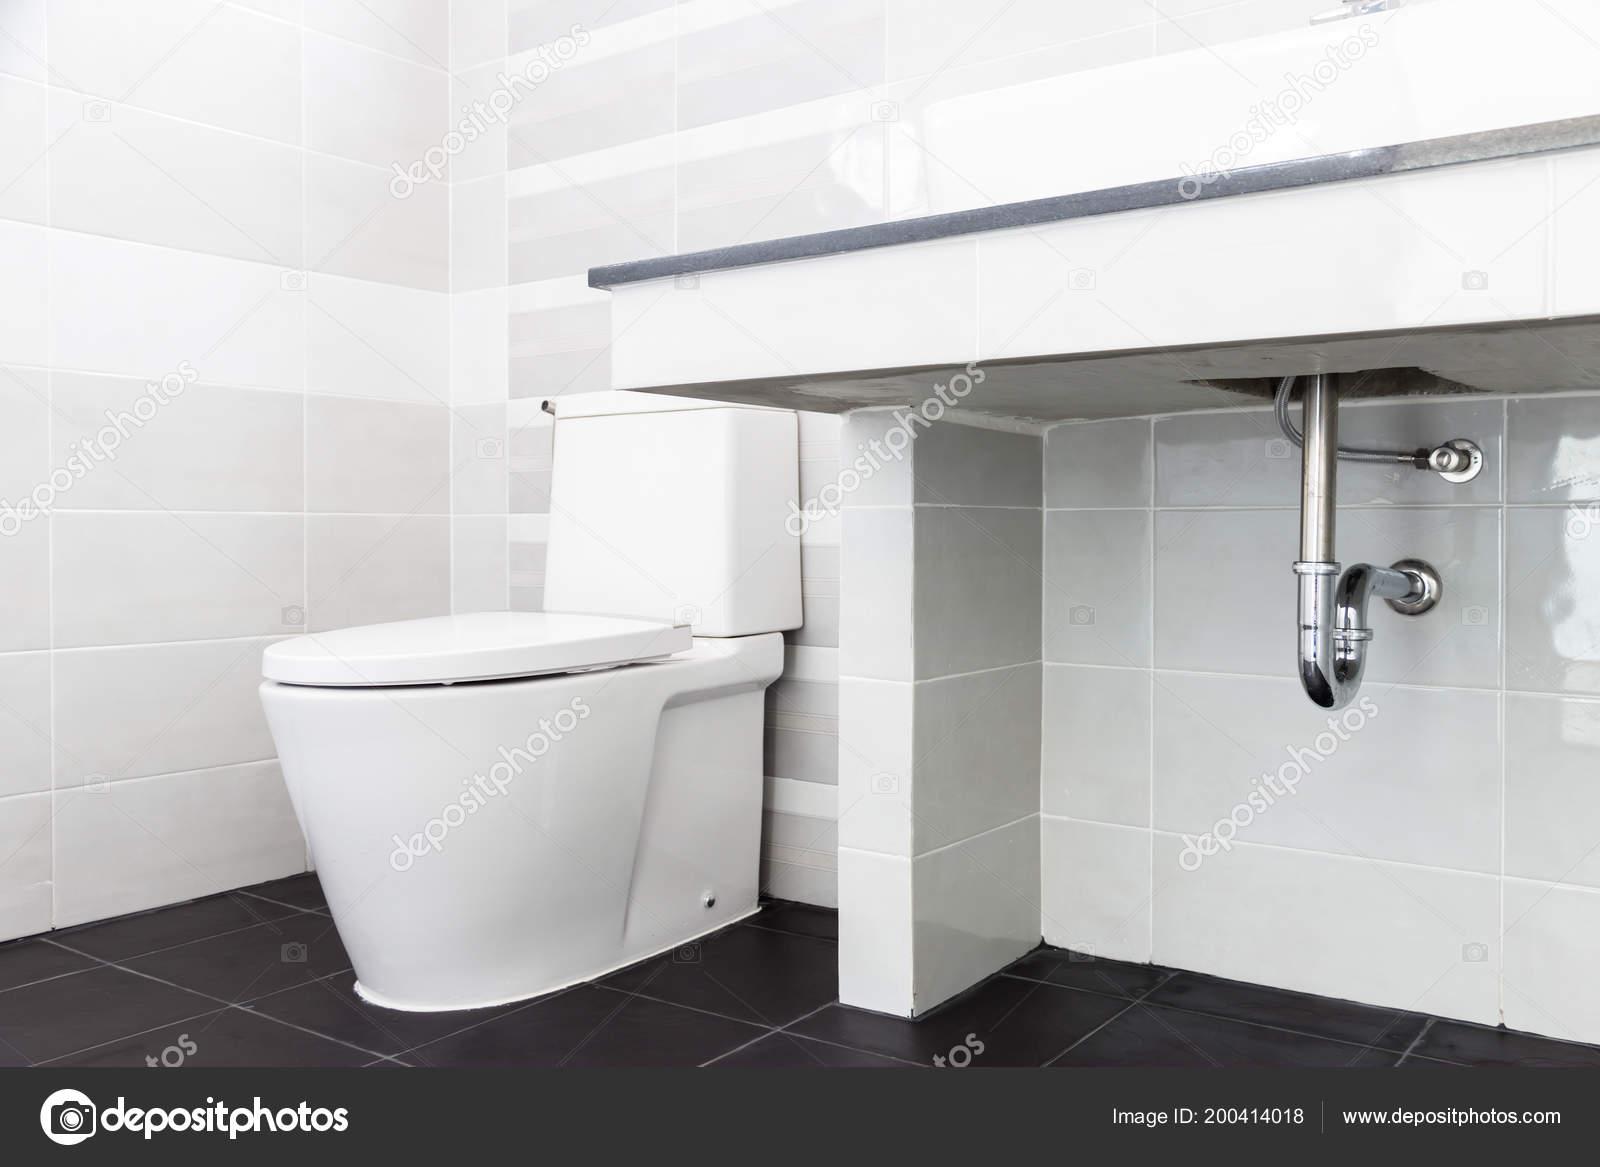 Design Moderne Maison Salle Bain Lavabo Blanc Colur Sanitaires Dans ...